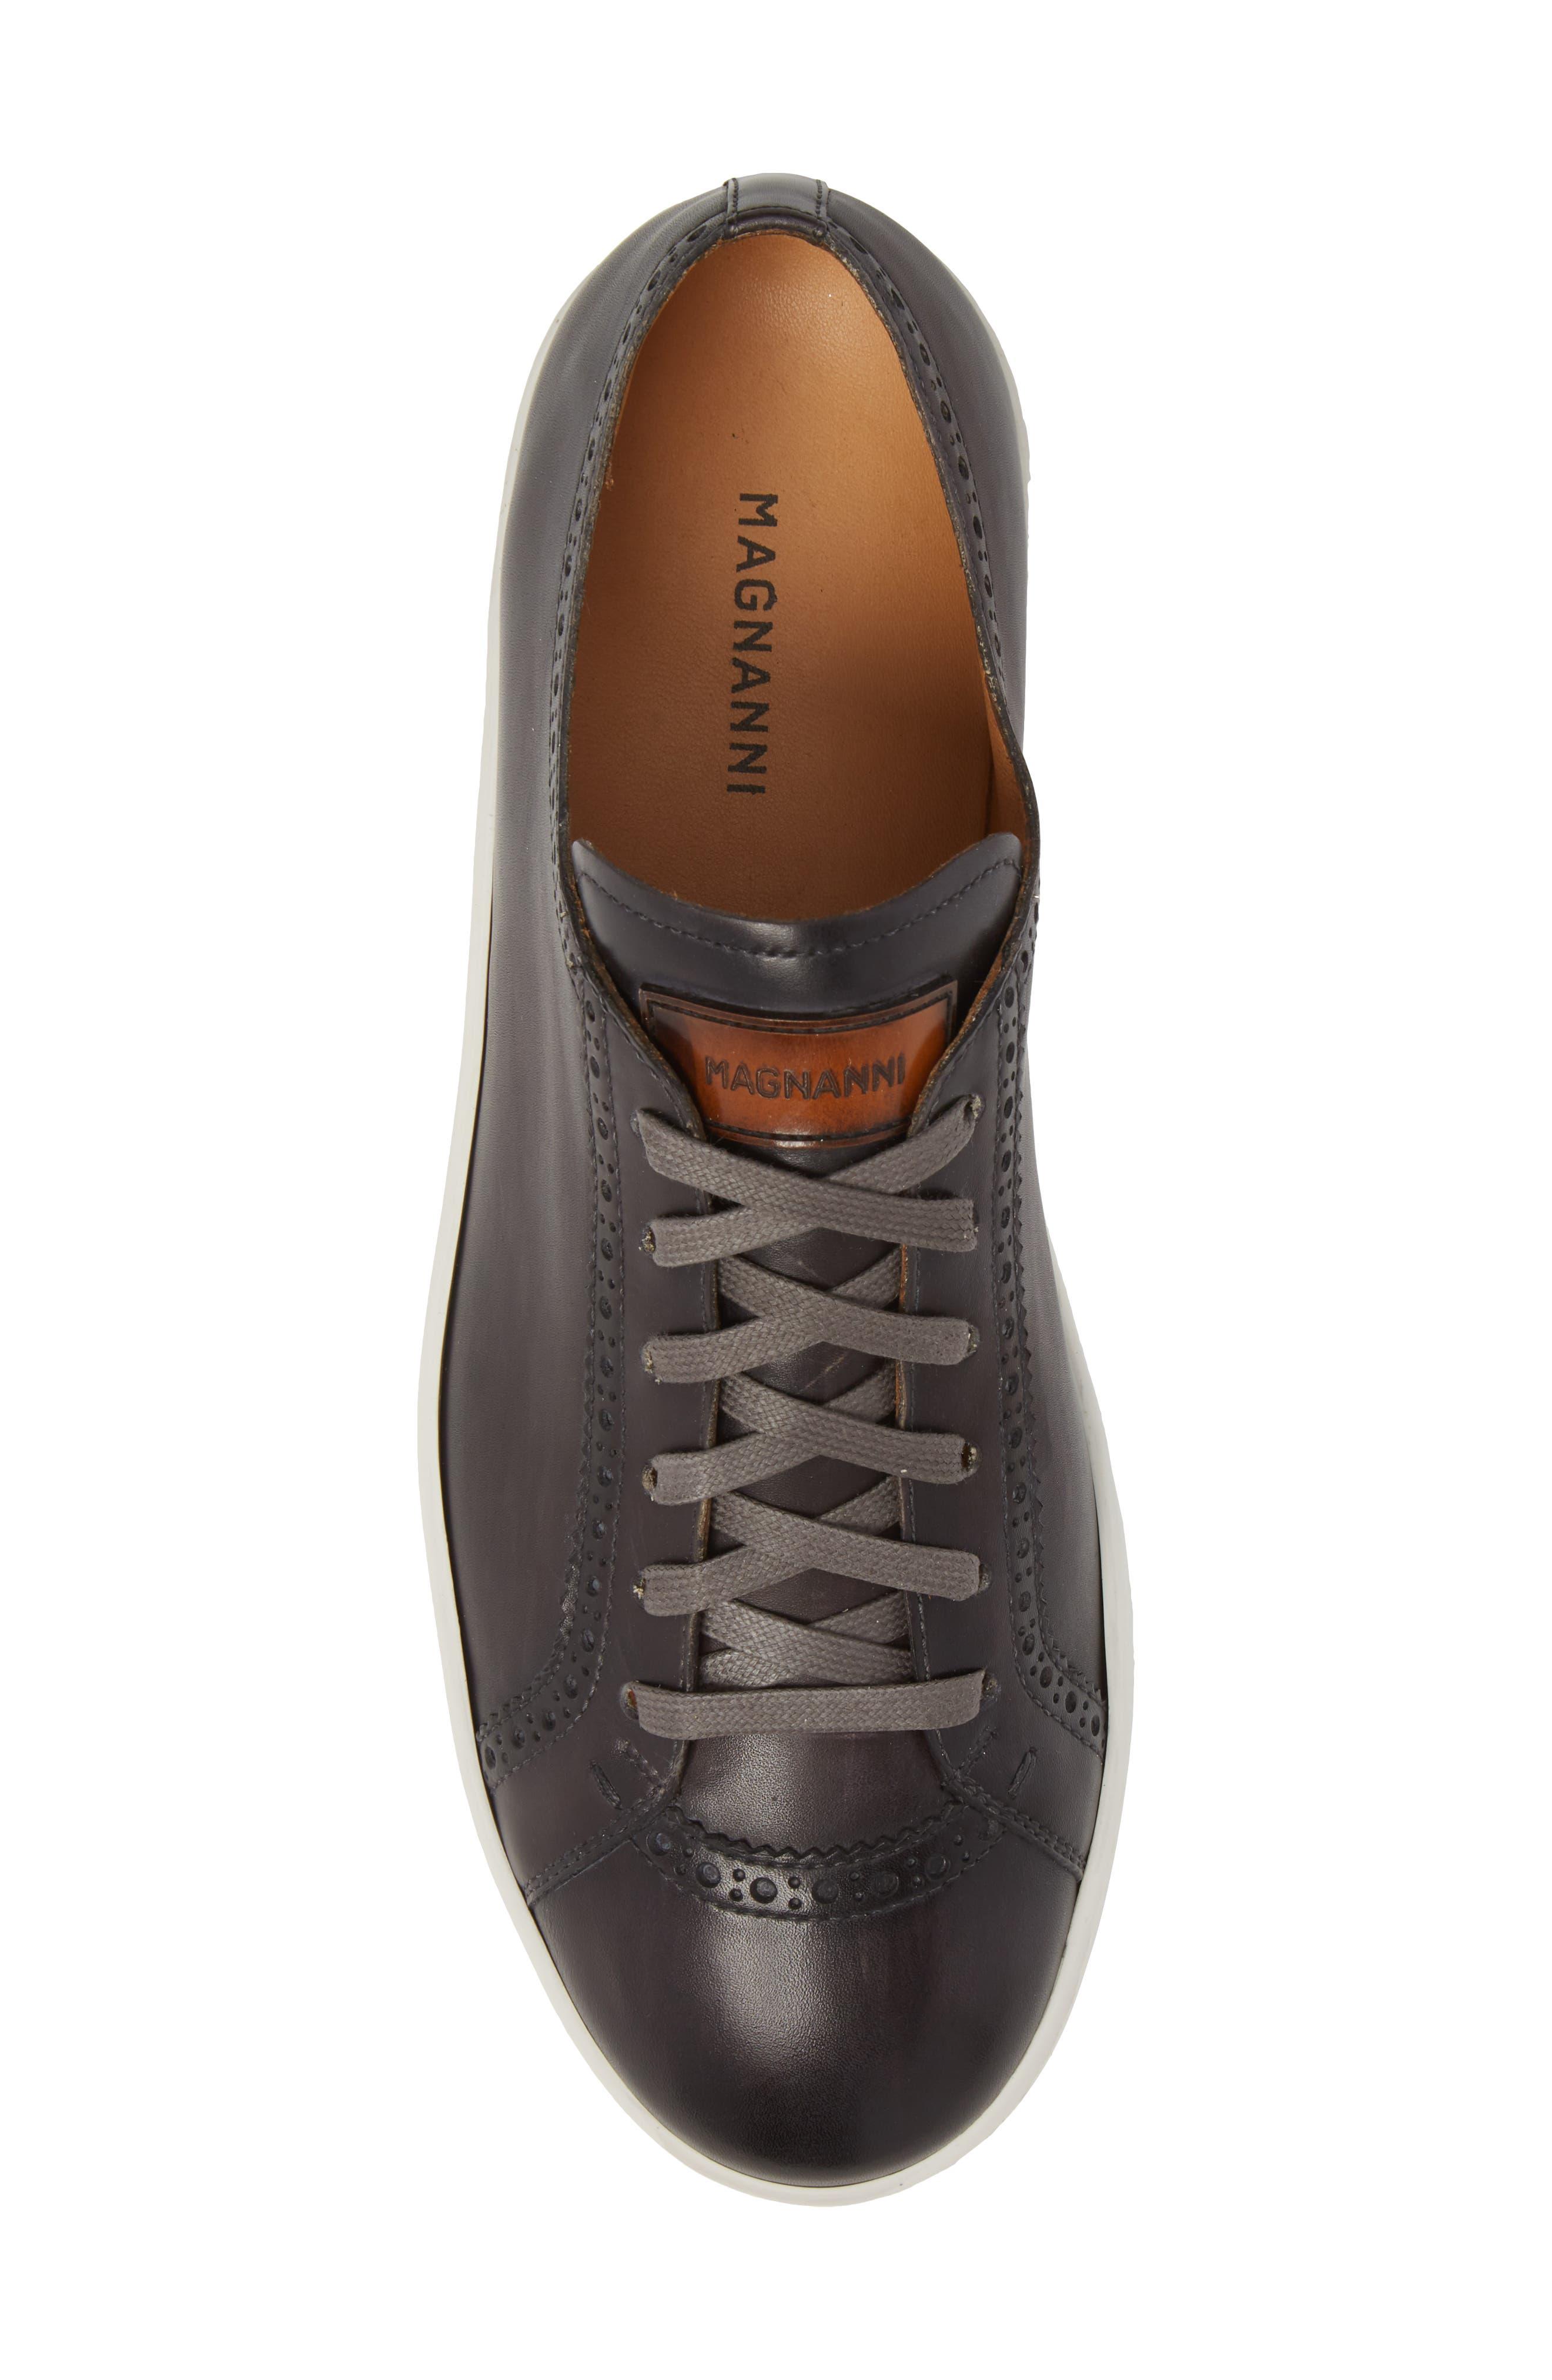 MAGNANNI,                             Juniper Brogued Low Top Sneaker,                             Alternate thumbnail 5, color,                             020